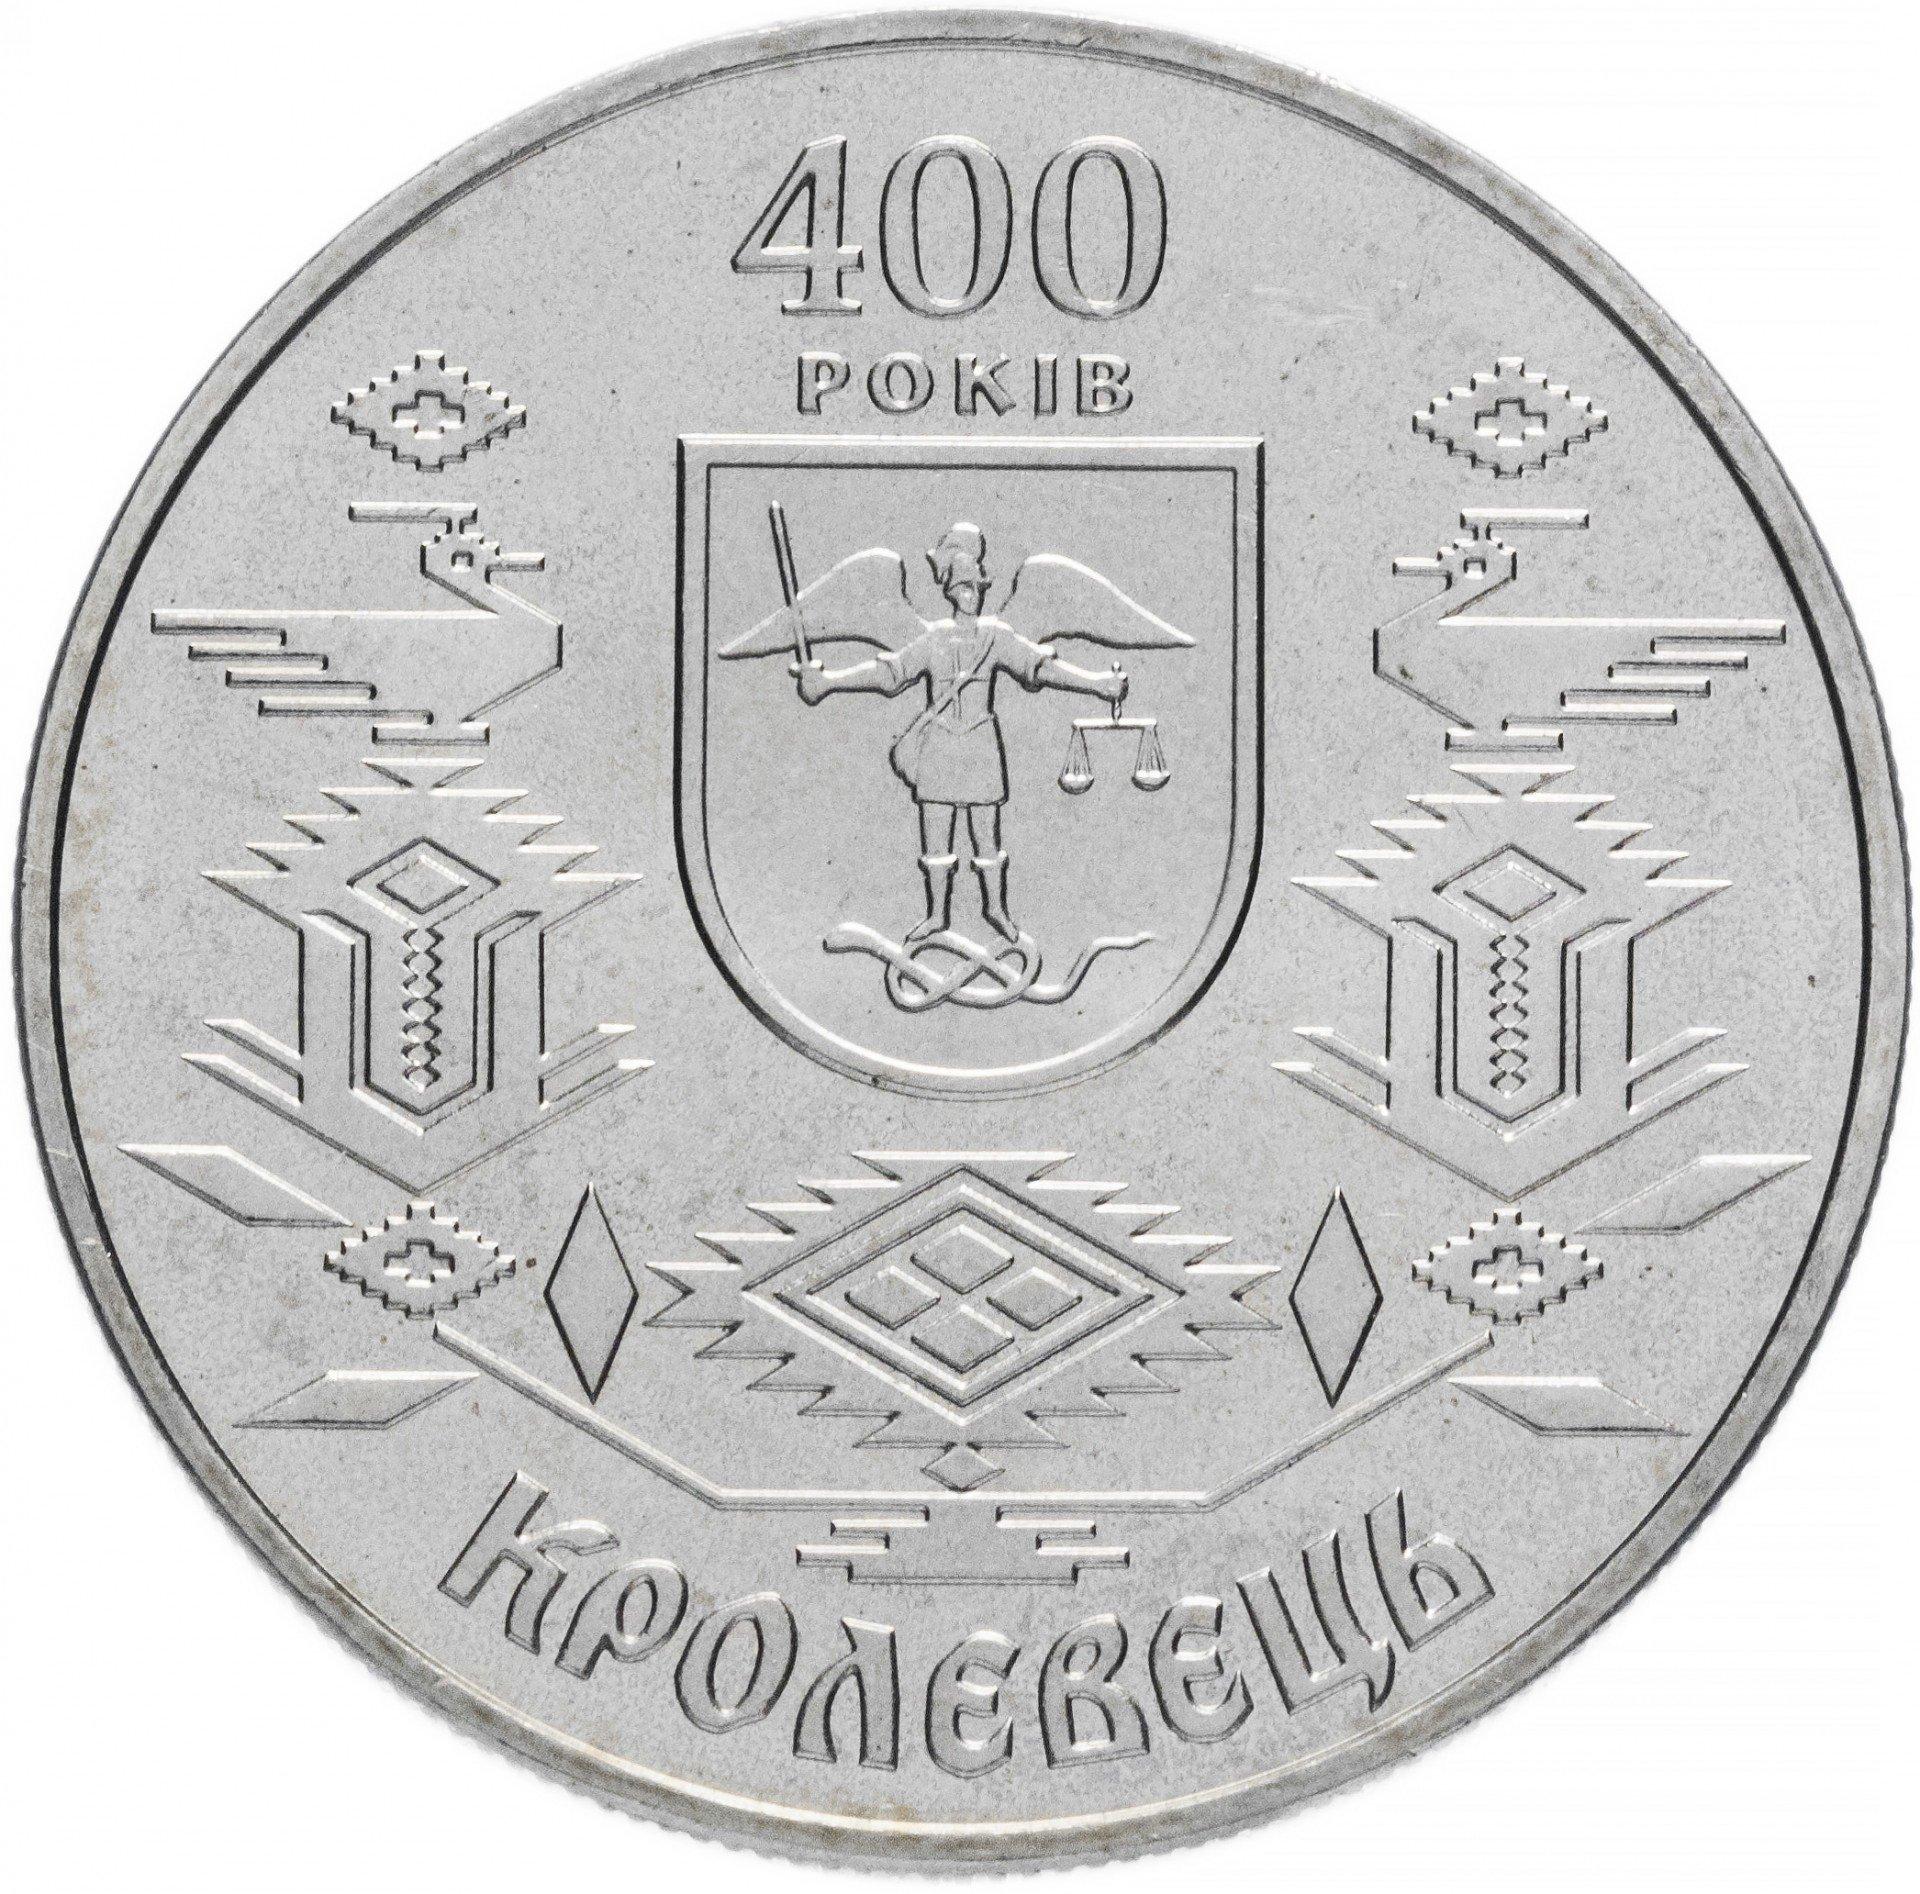 """5 гривен """"400 лет городу Кролевец"""" 2001 год"""